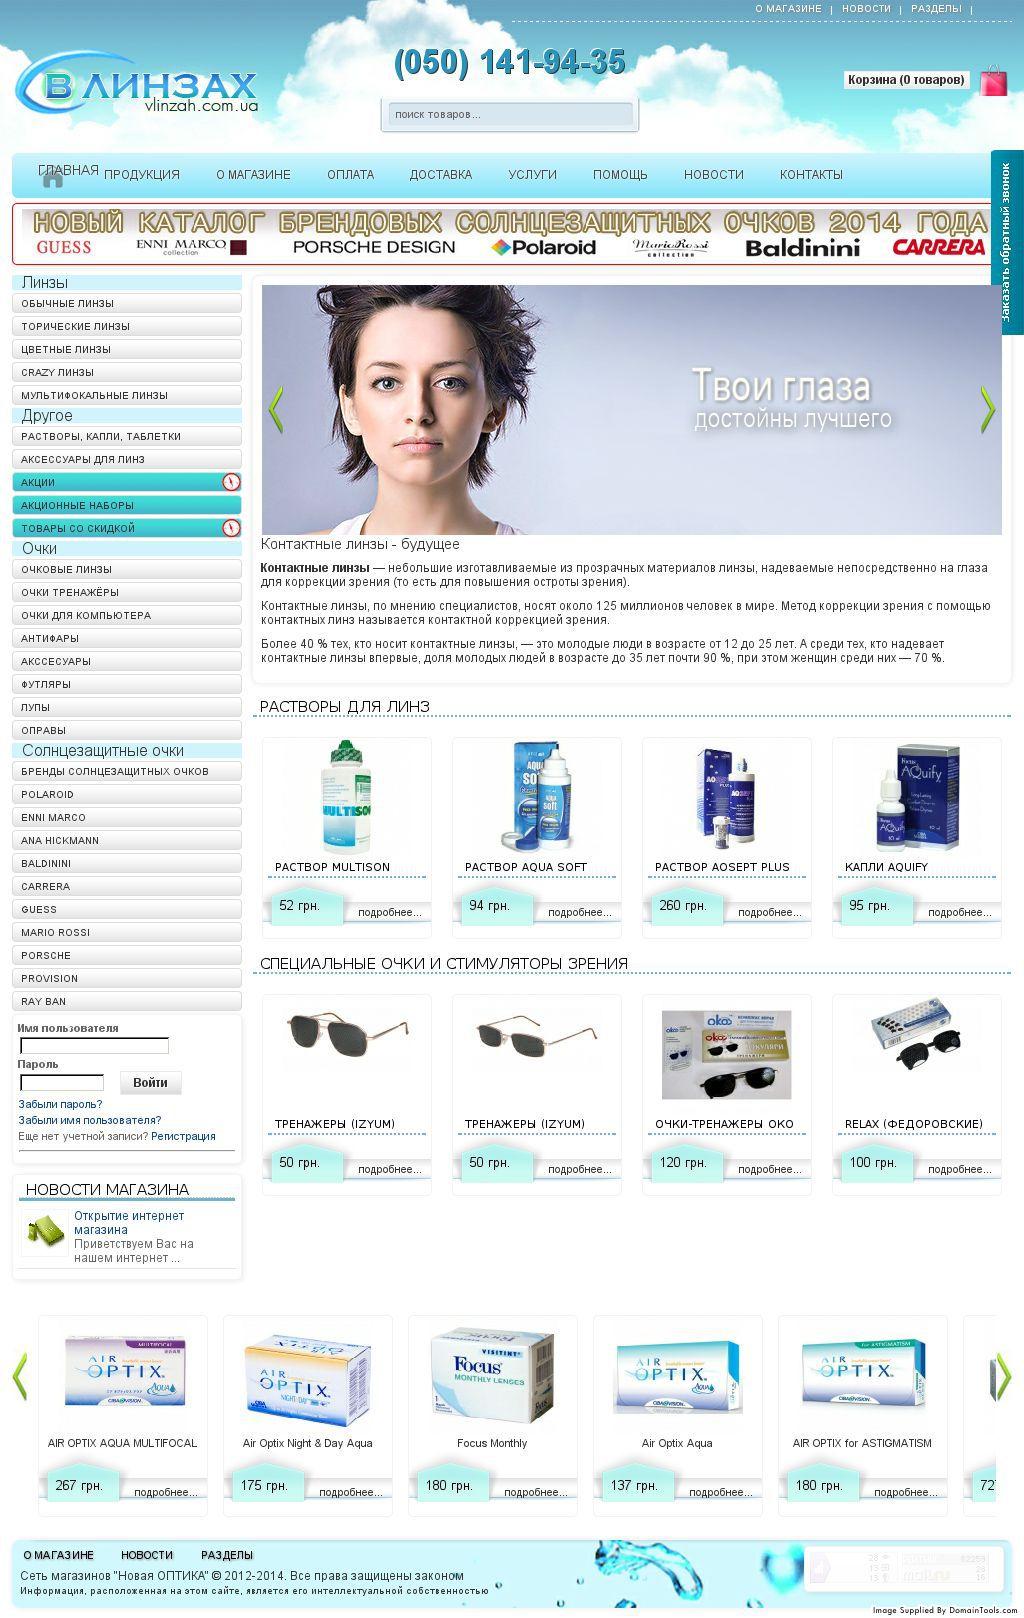 300 В линзах - интернет магазин контактных линз